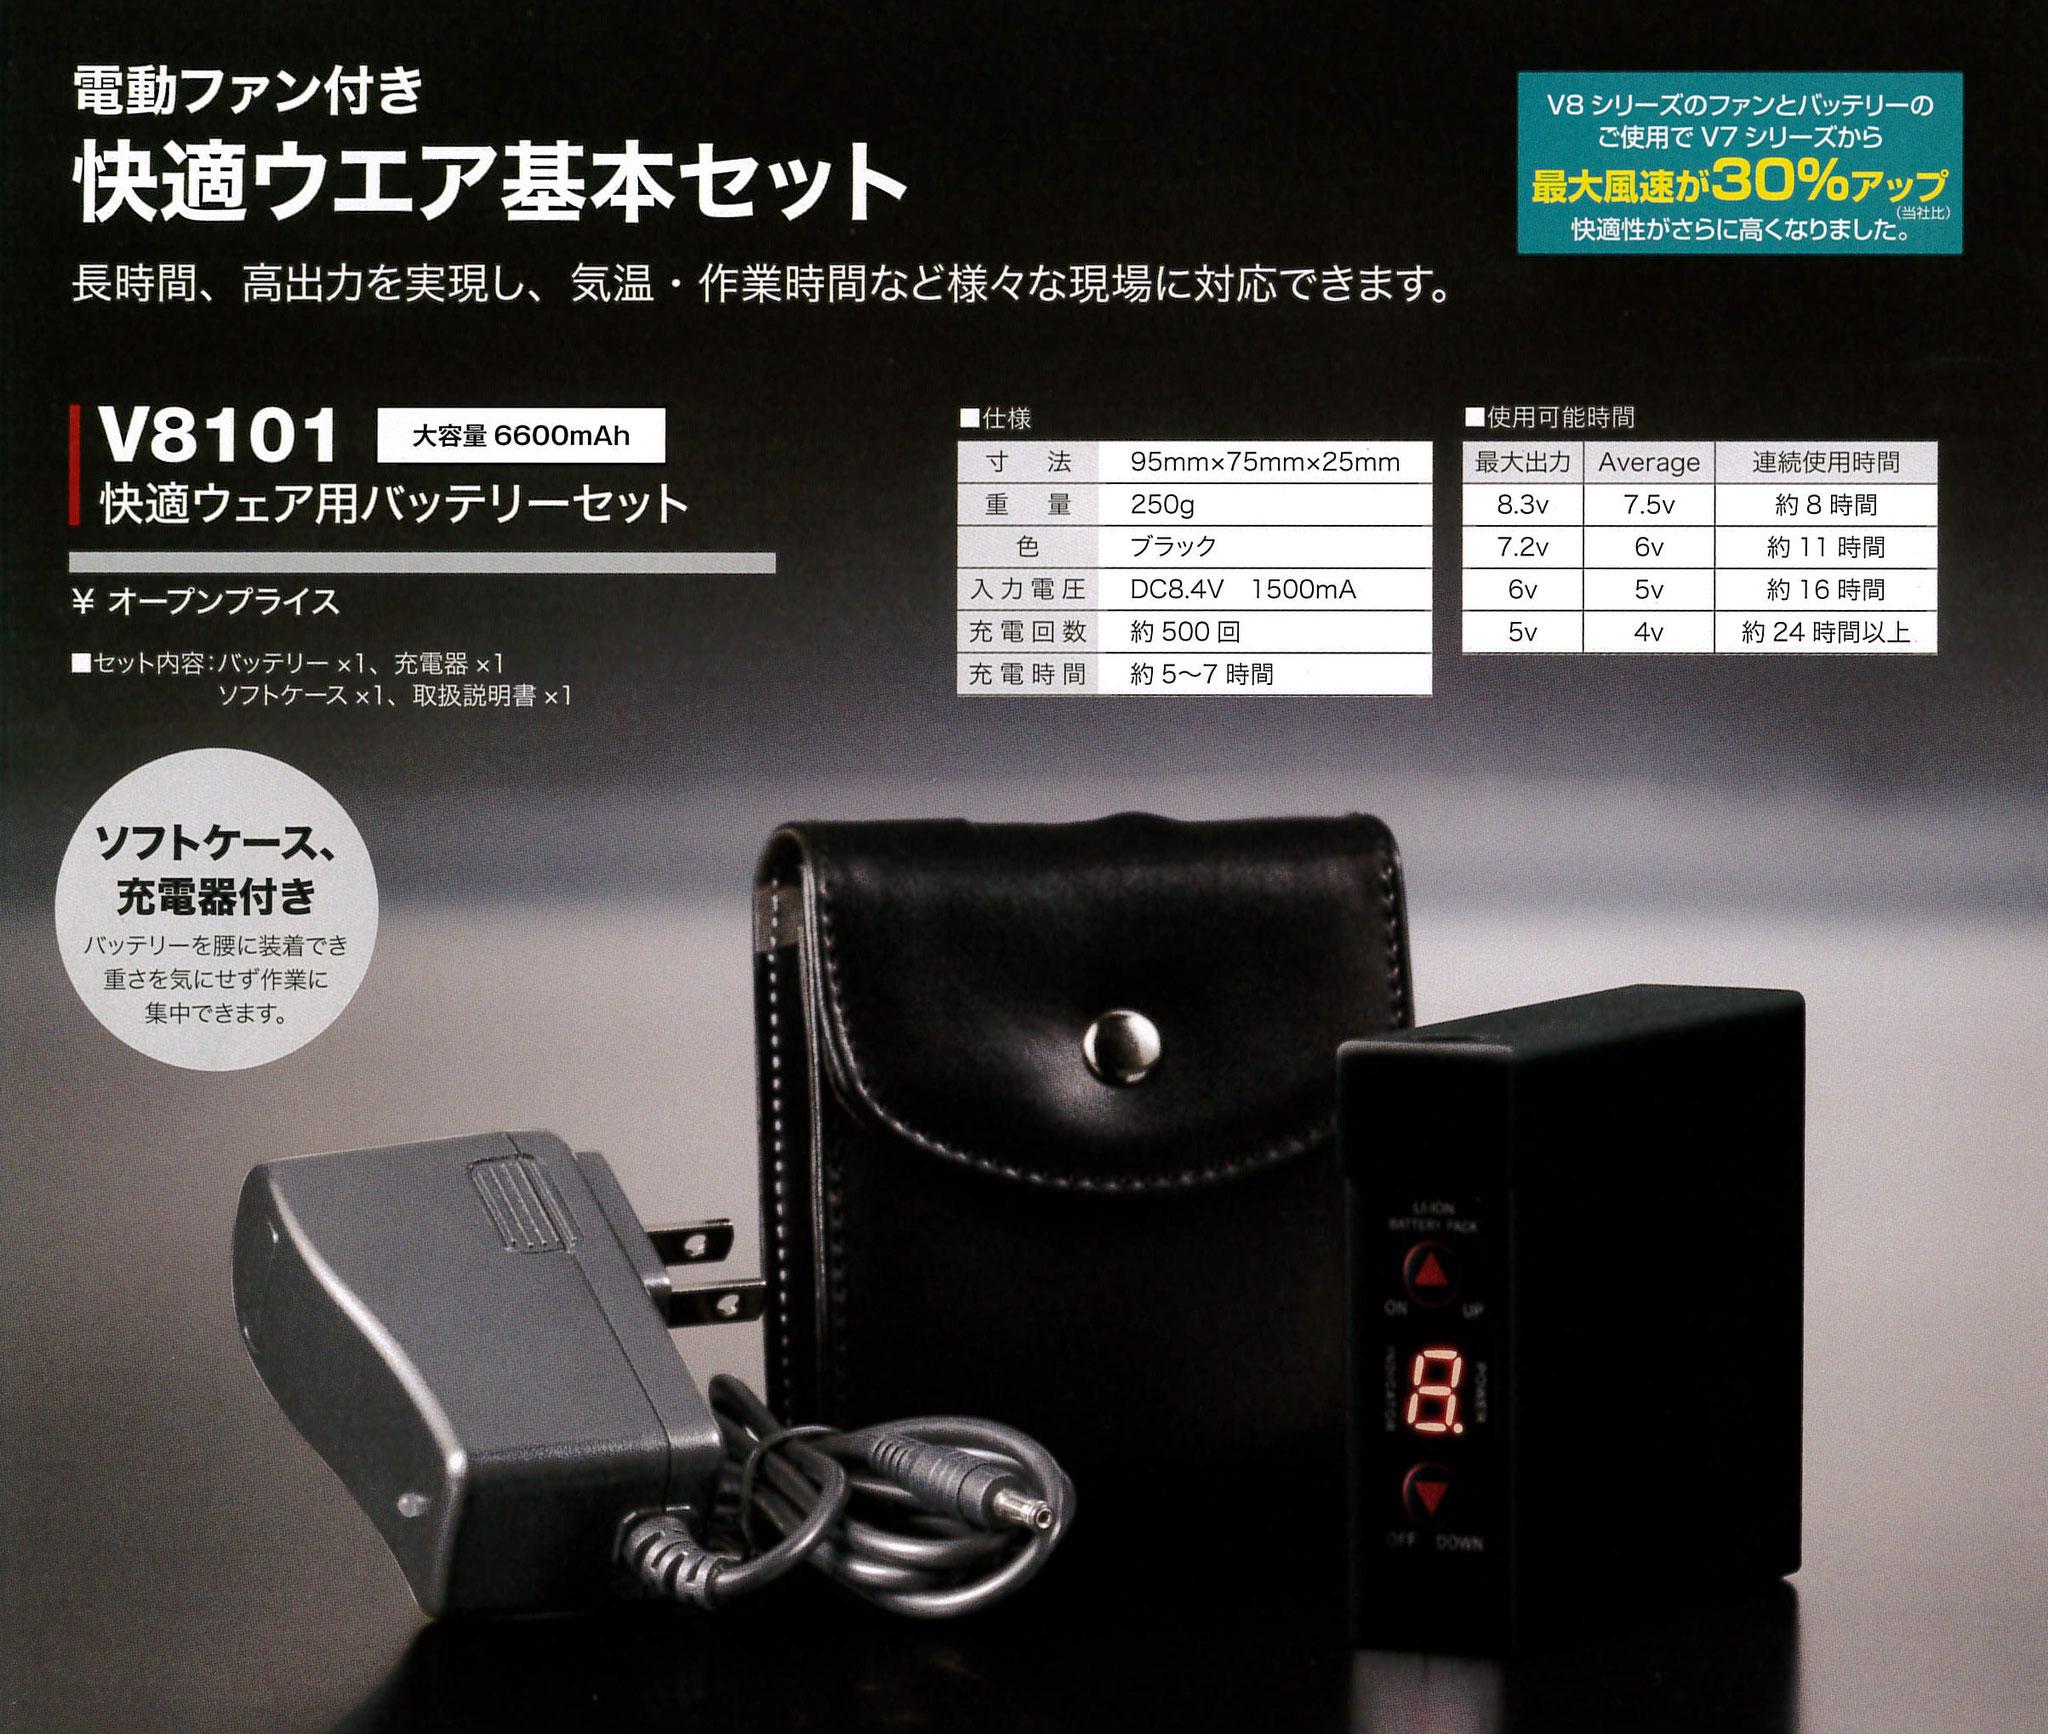 V1001バッテリーセット ¥1,0900(税込)